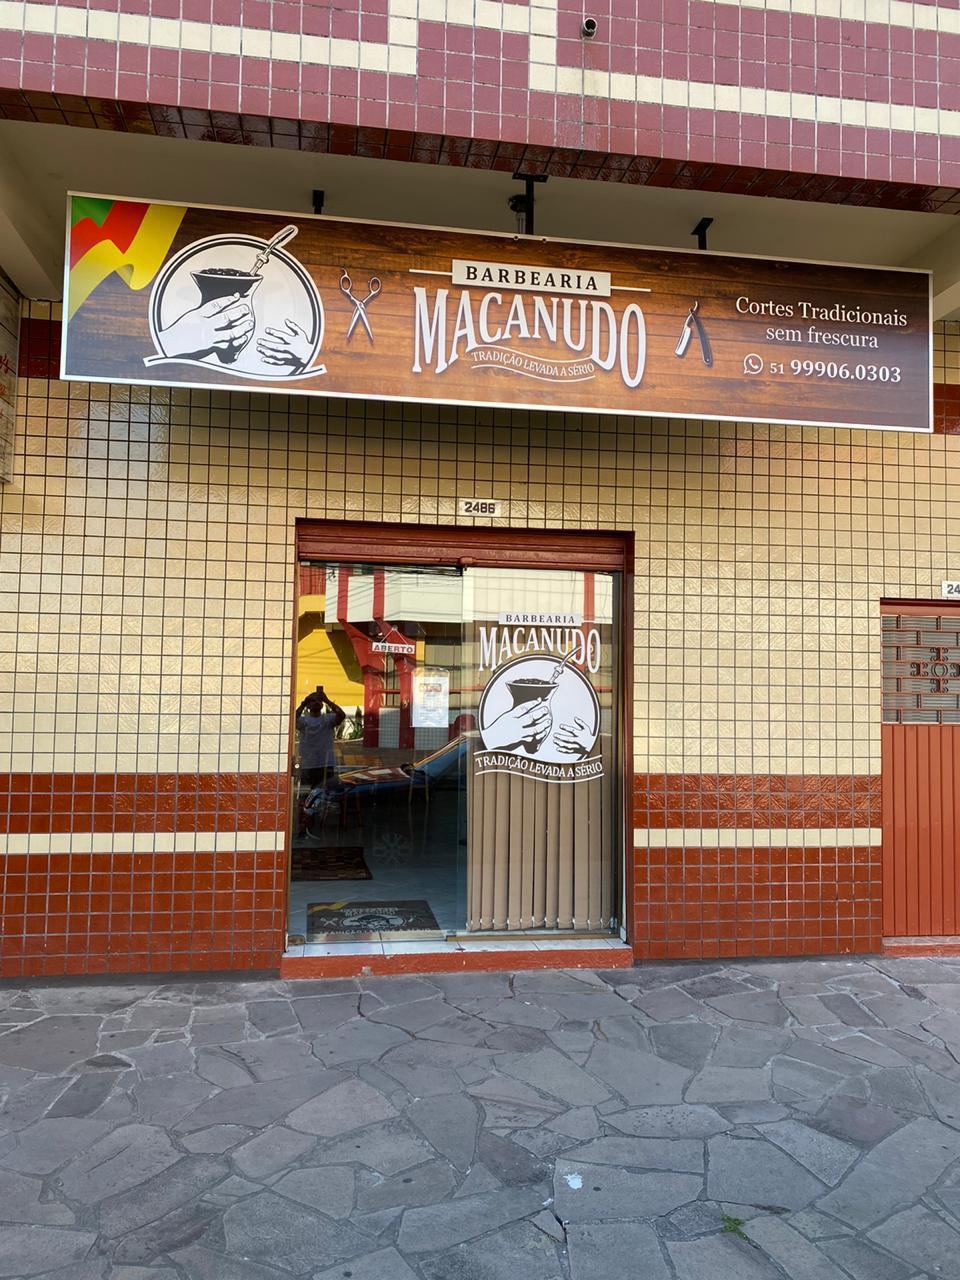 Barbearia Macanudo